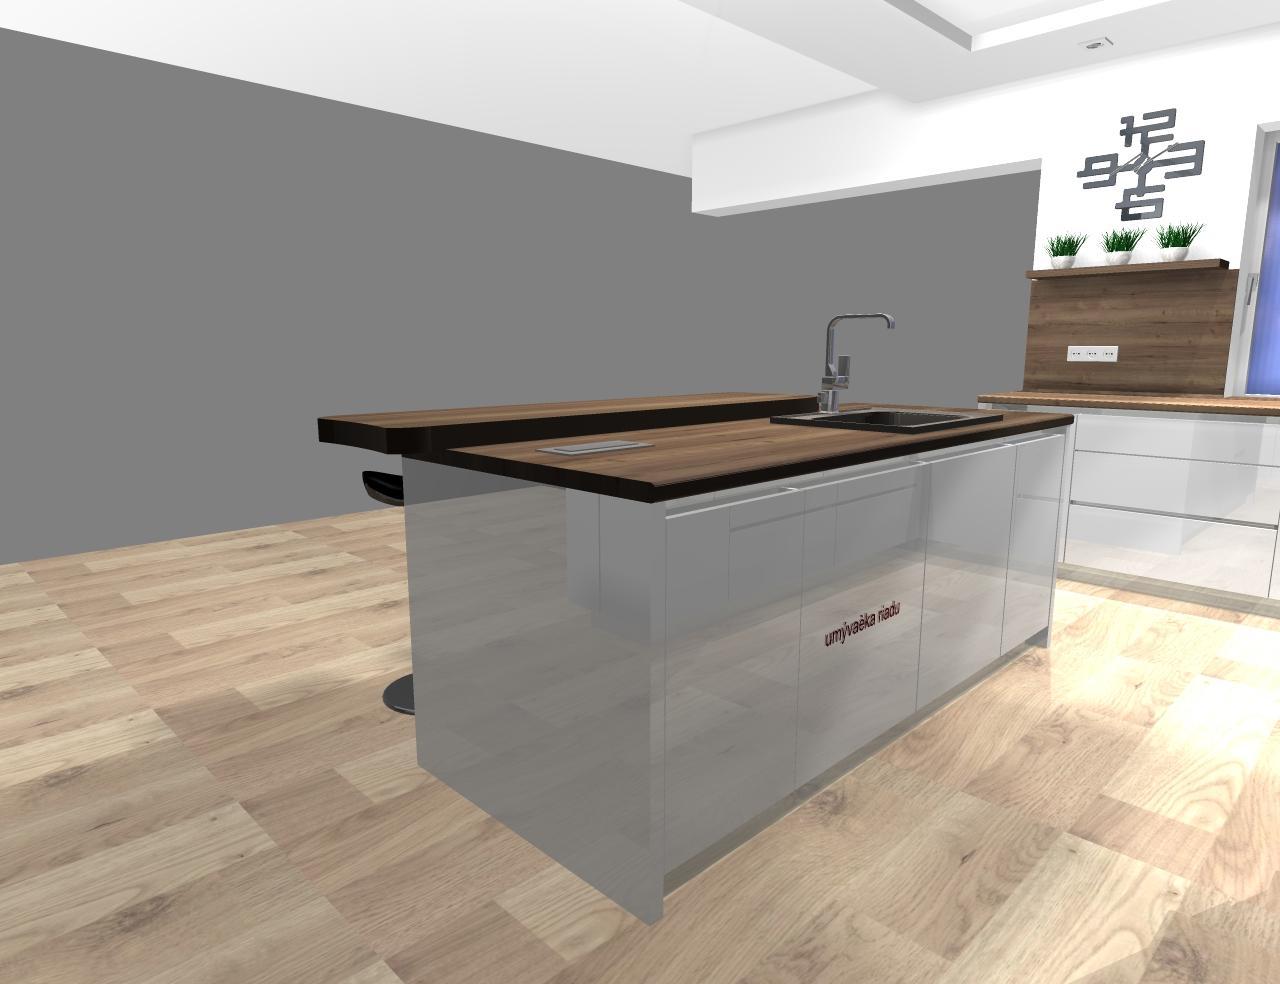 Grafické návrhy kuchynských liniek 2020 - návrh kuchynskej linky do rodinného domu -verzia 1 - obr.7